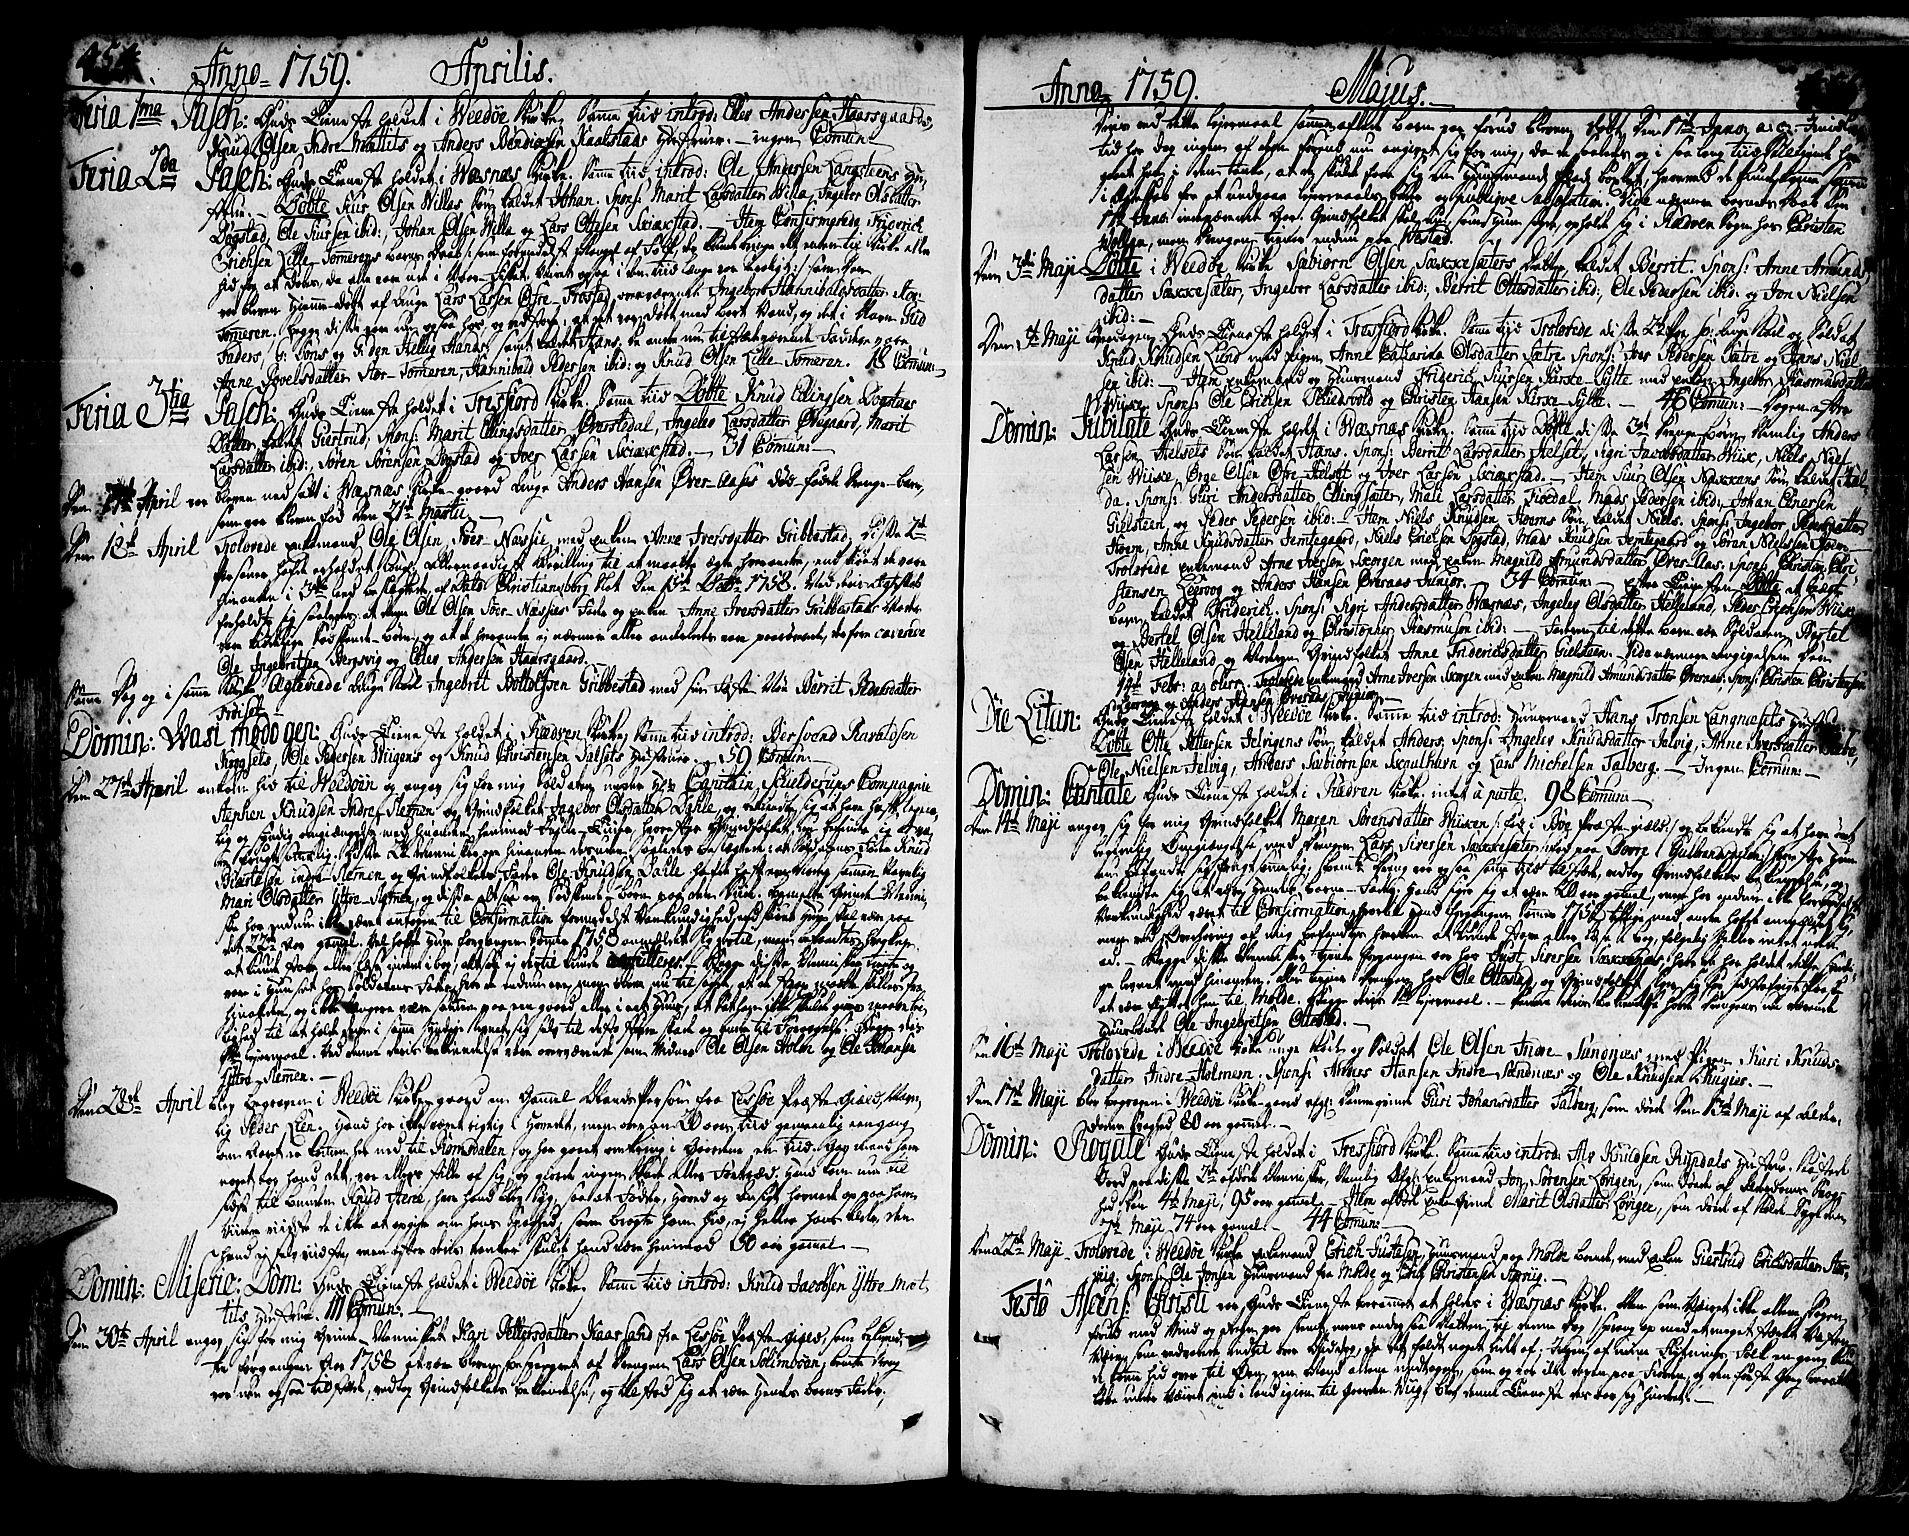 SAT, Ministerialprotokoller, klokkerbøker og fødselsregistre - Møre og Romsdal, 547/L0599: Ministerialbok nr. 547A01, 1721-1764, s. 454-455